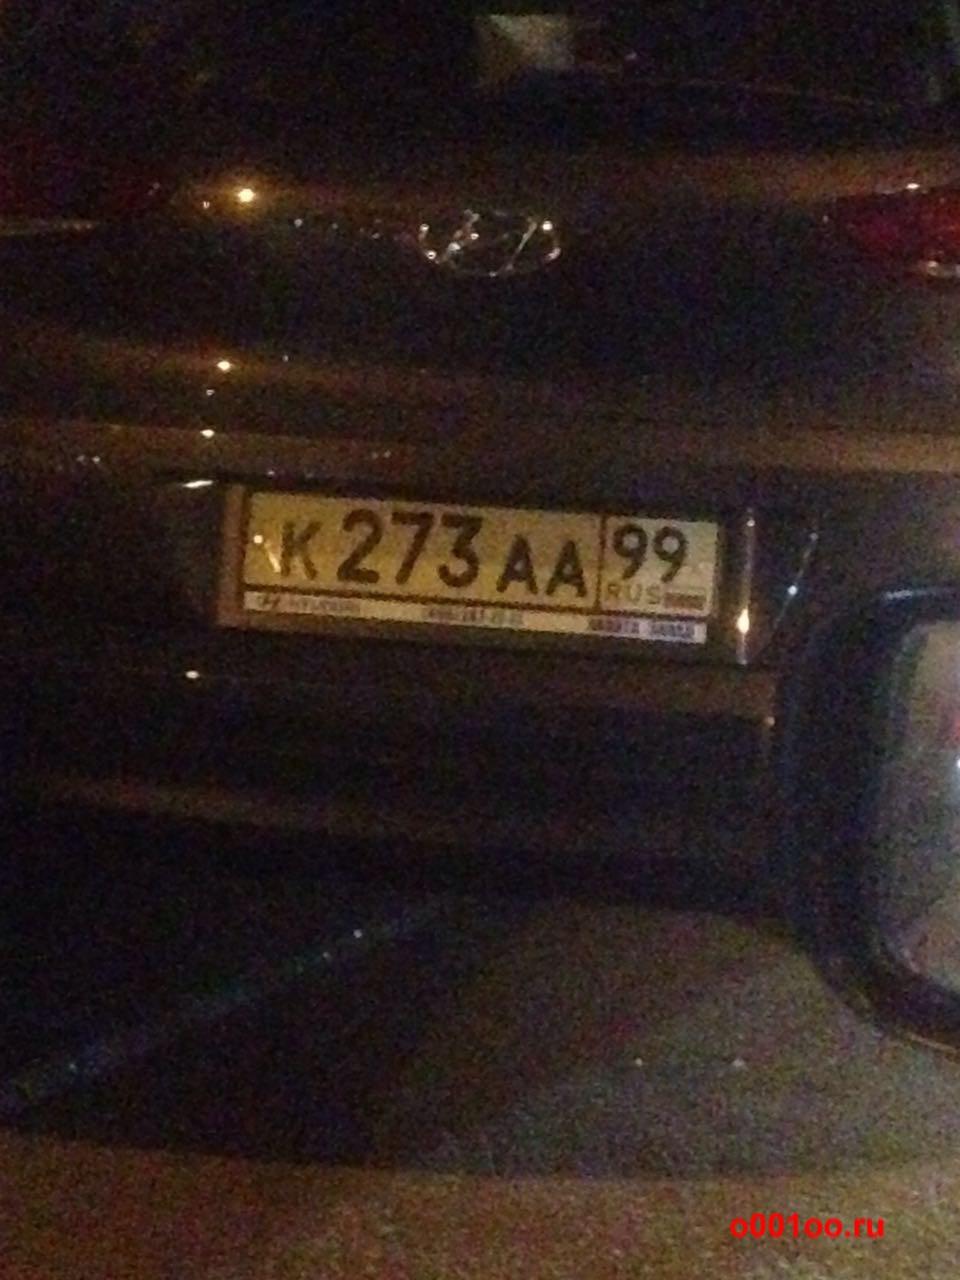 К273аа99